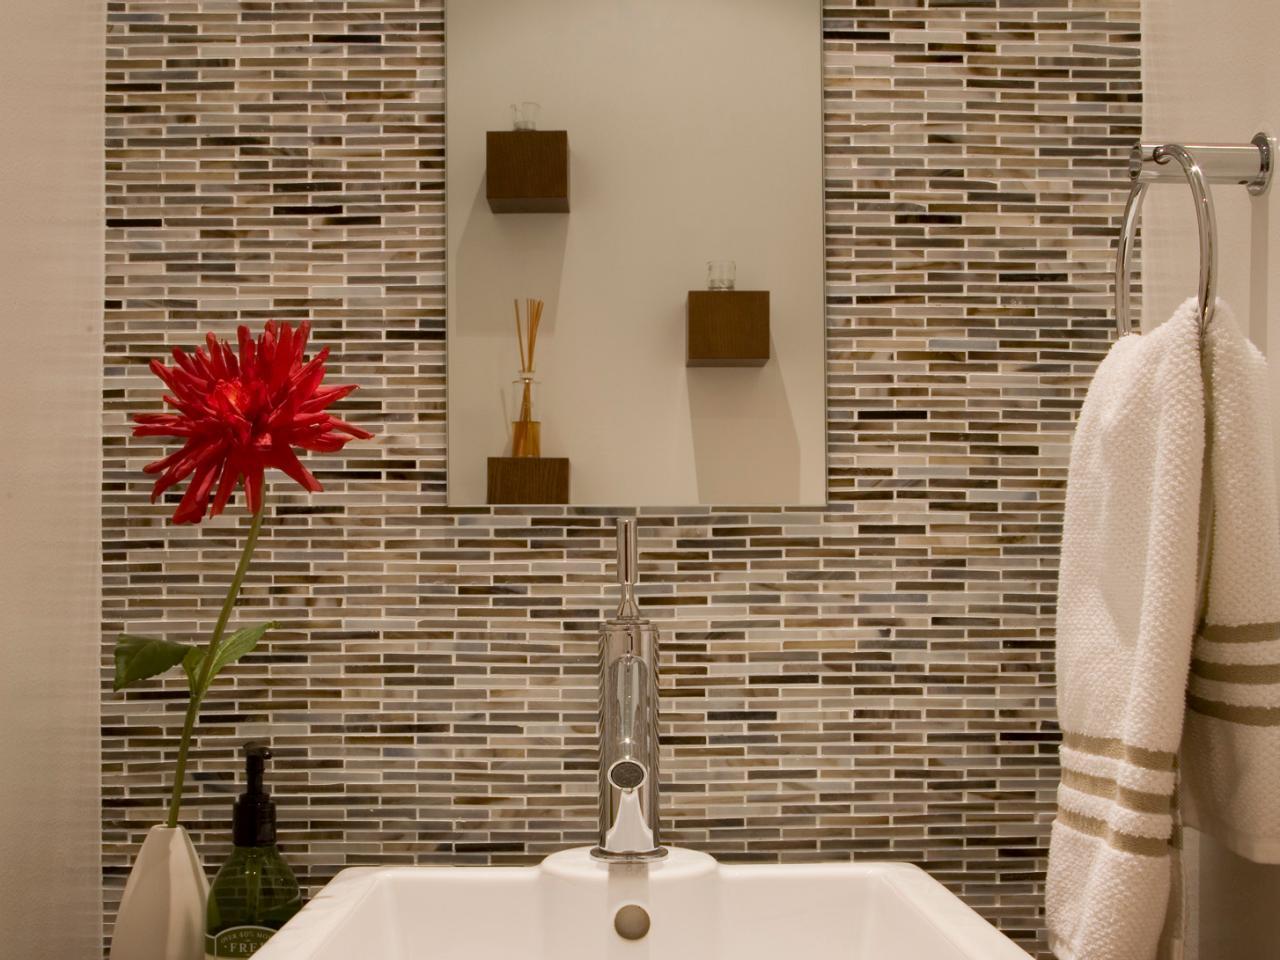 charalambous_Hem070219_0121_bathroom.jpg.rend.hgtvcom.1280.960